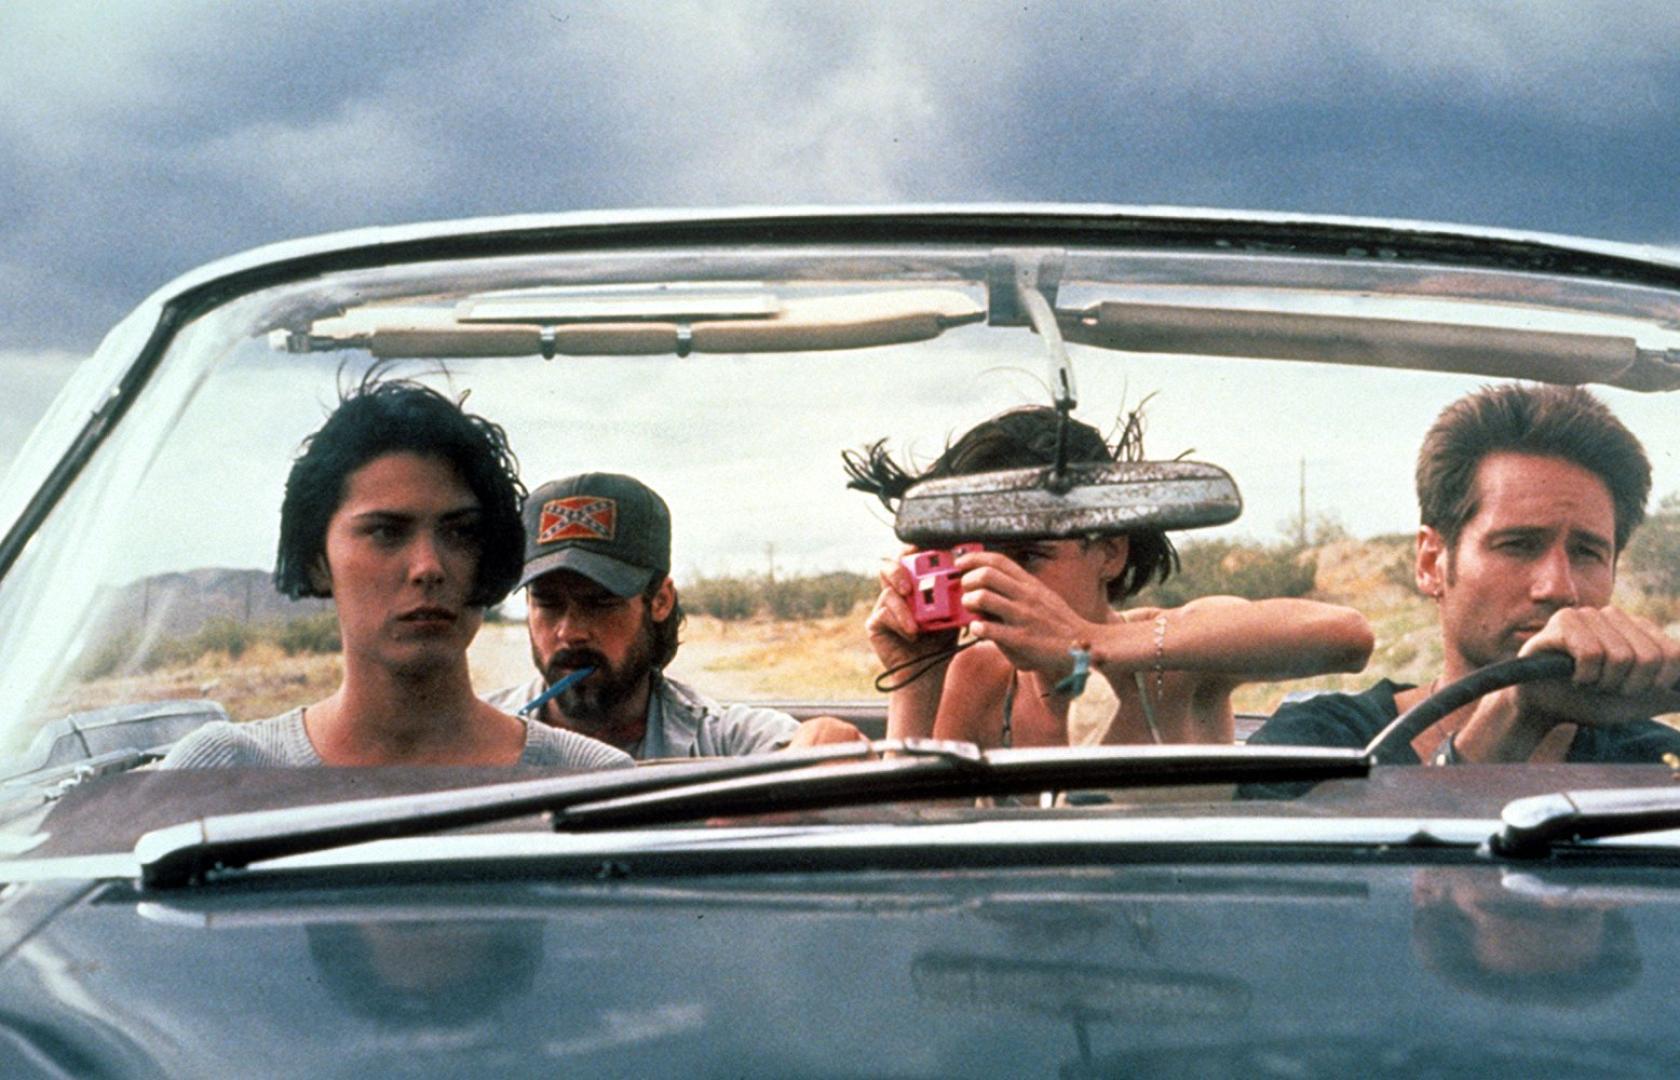 Kalifornia - A halál nem utazik egyedül (1993)